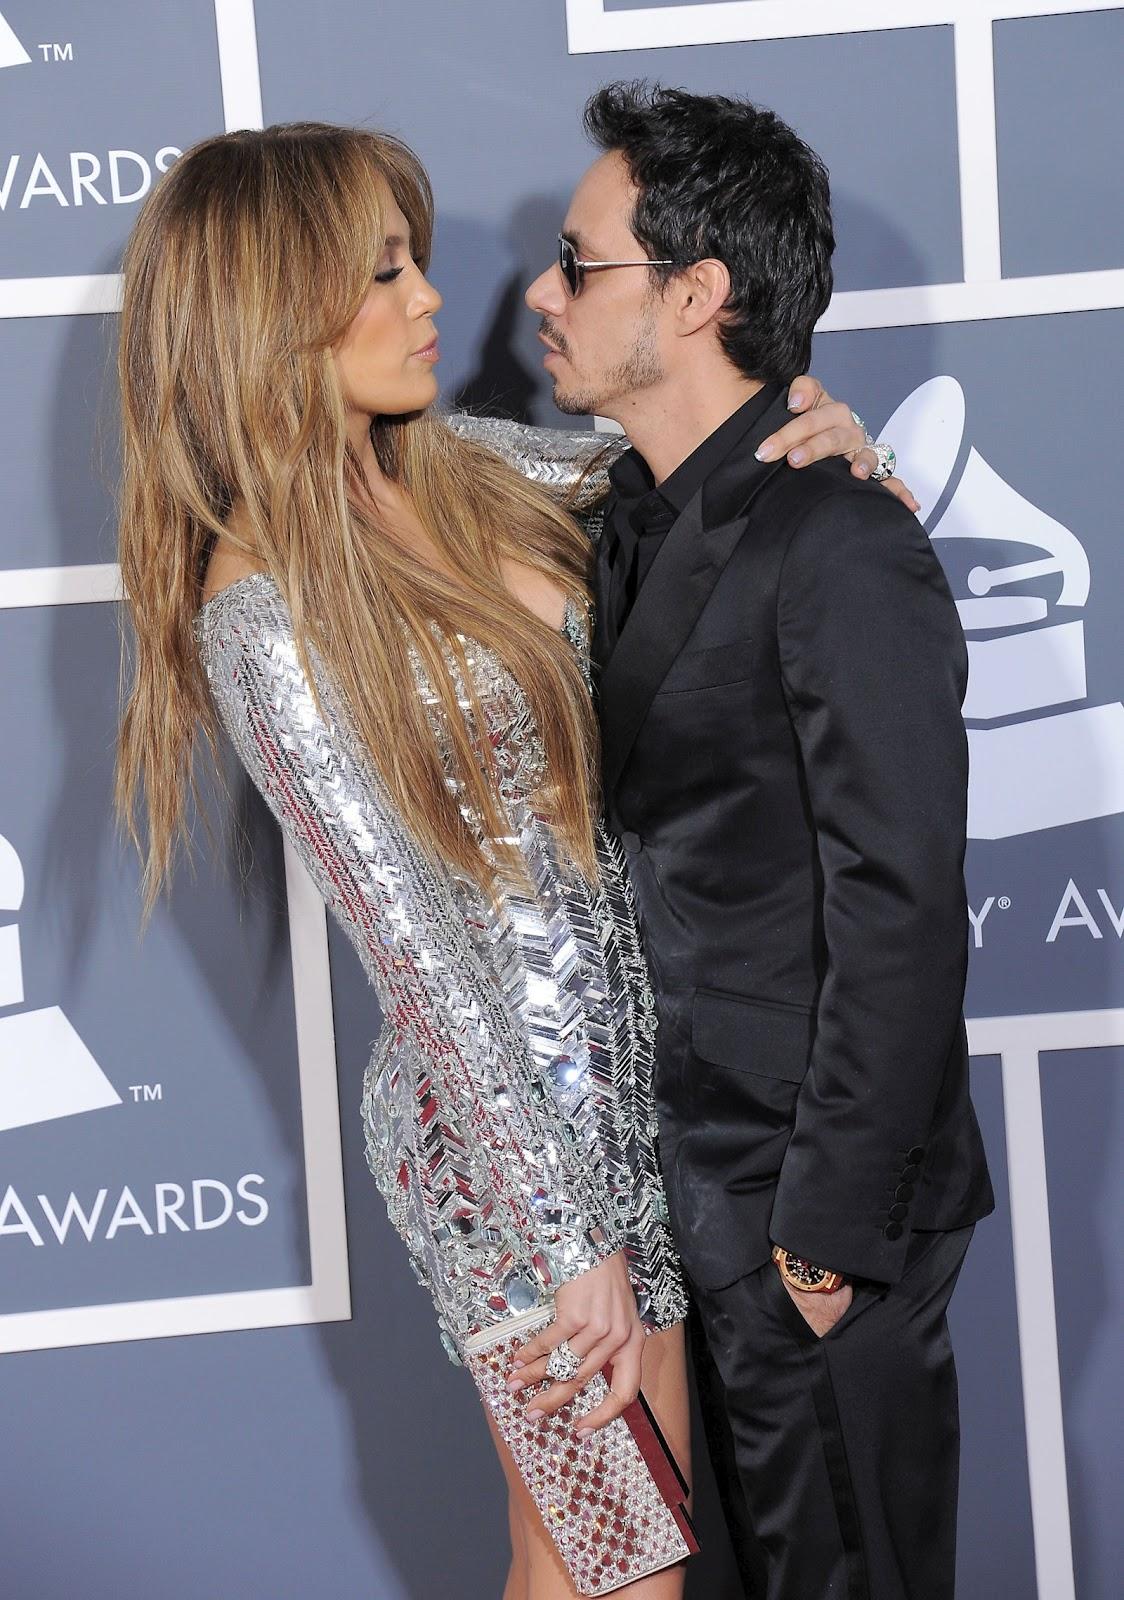 http://4.bp.blogspot.com/-KhXFHlmEjUk/UC8E4flZKiI/AAAAAAAAD0Y/kyfPulCs0vw/s1600/Jennifer+Lopez+Grammy+(15).jpg